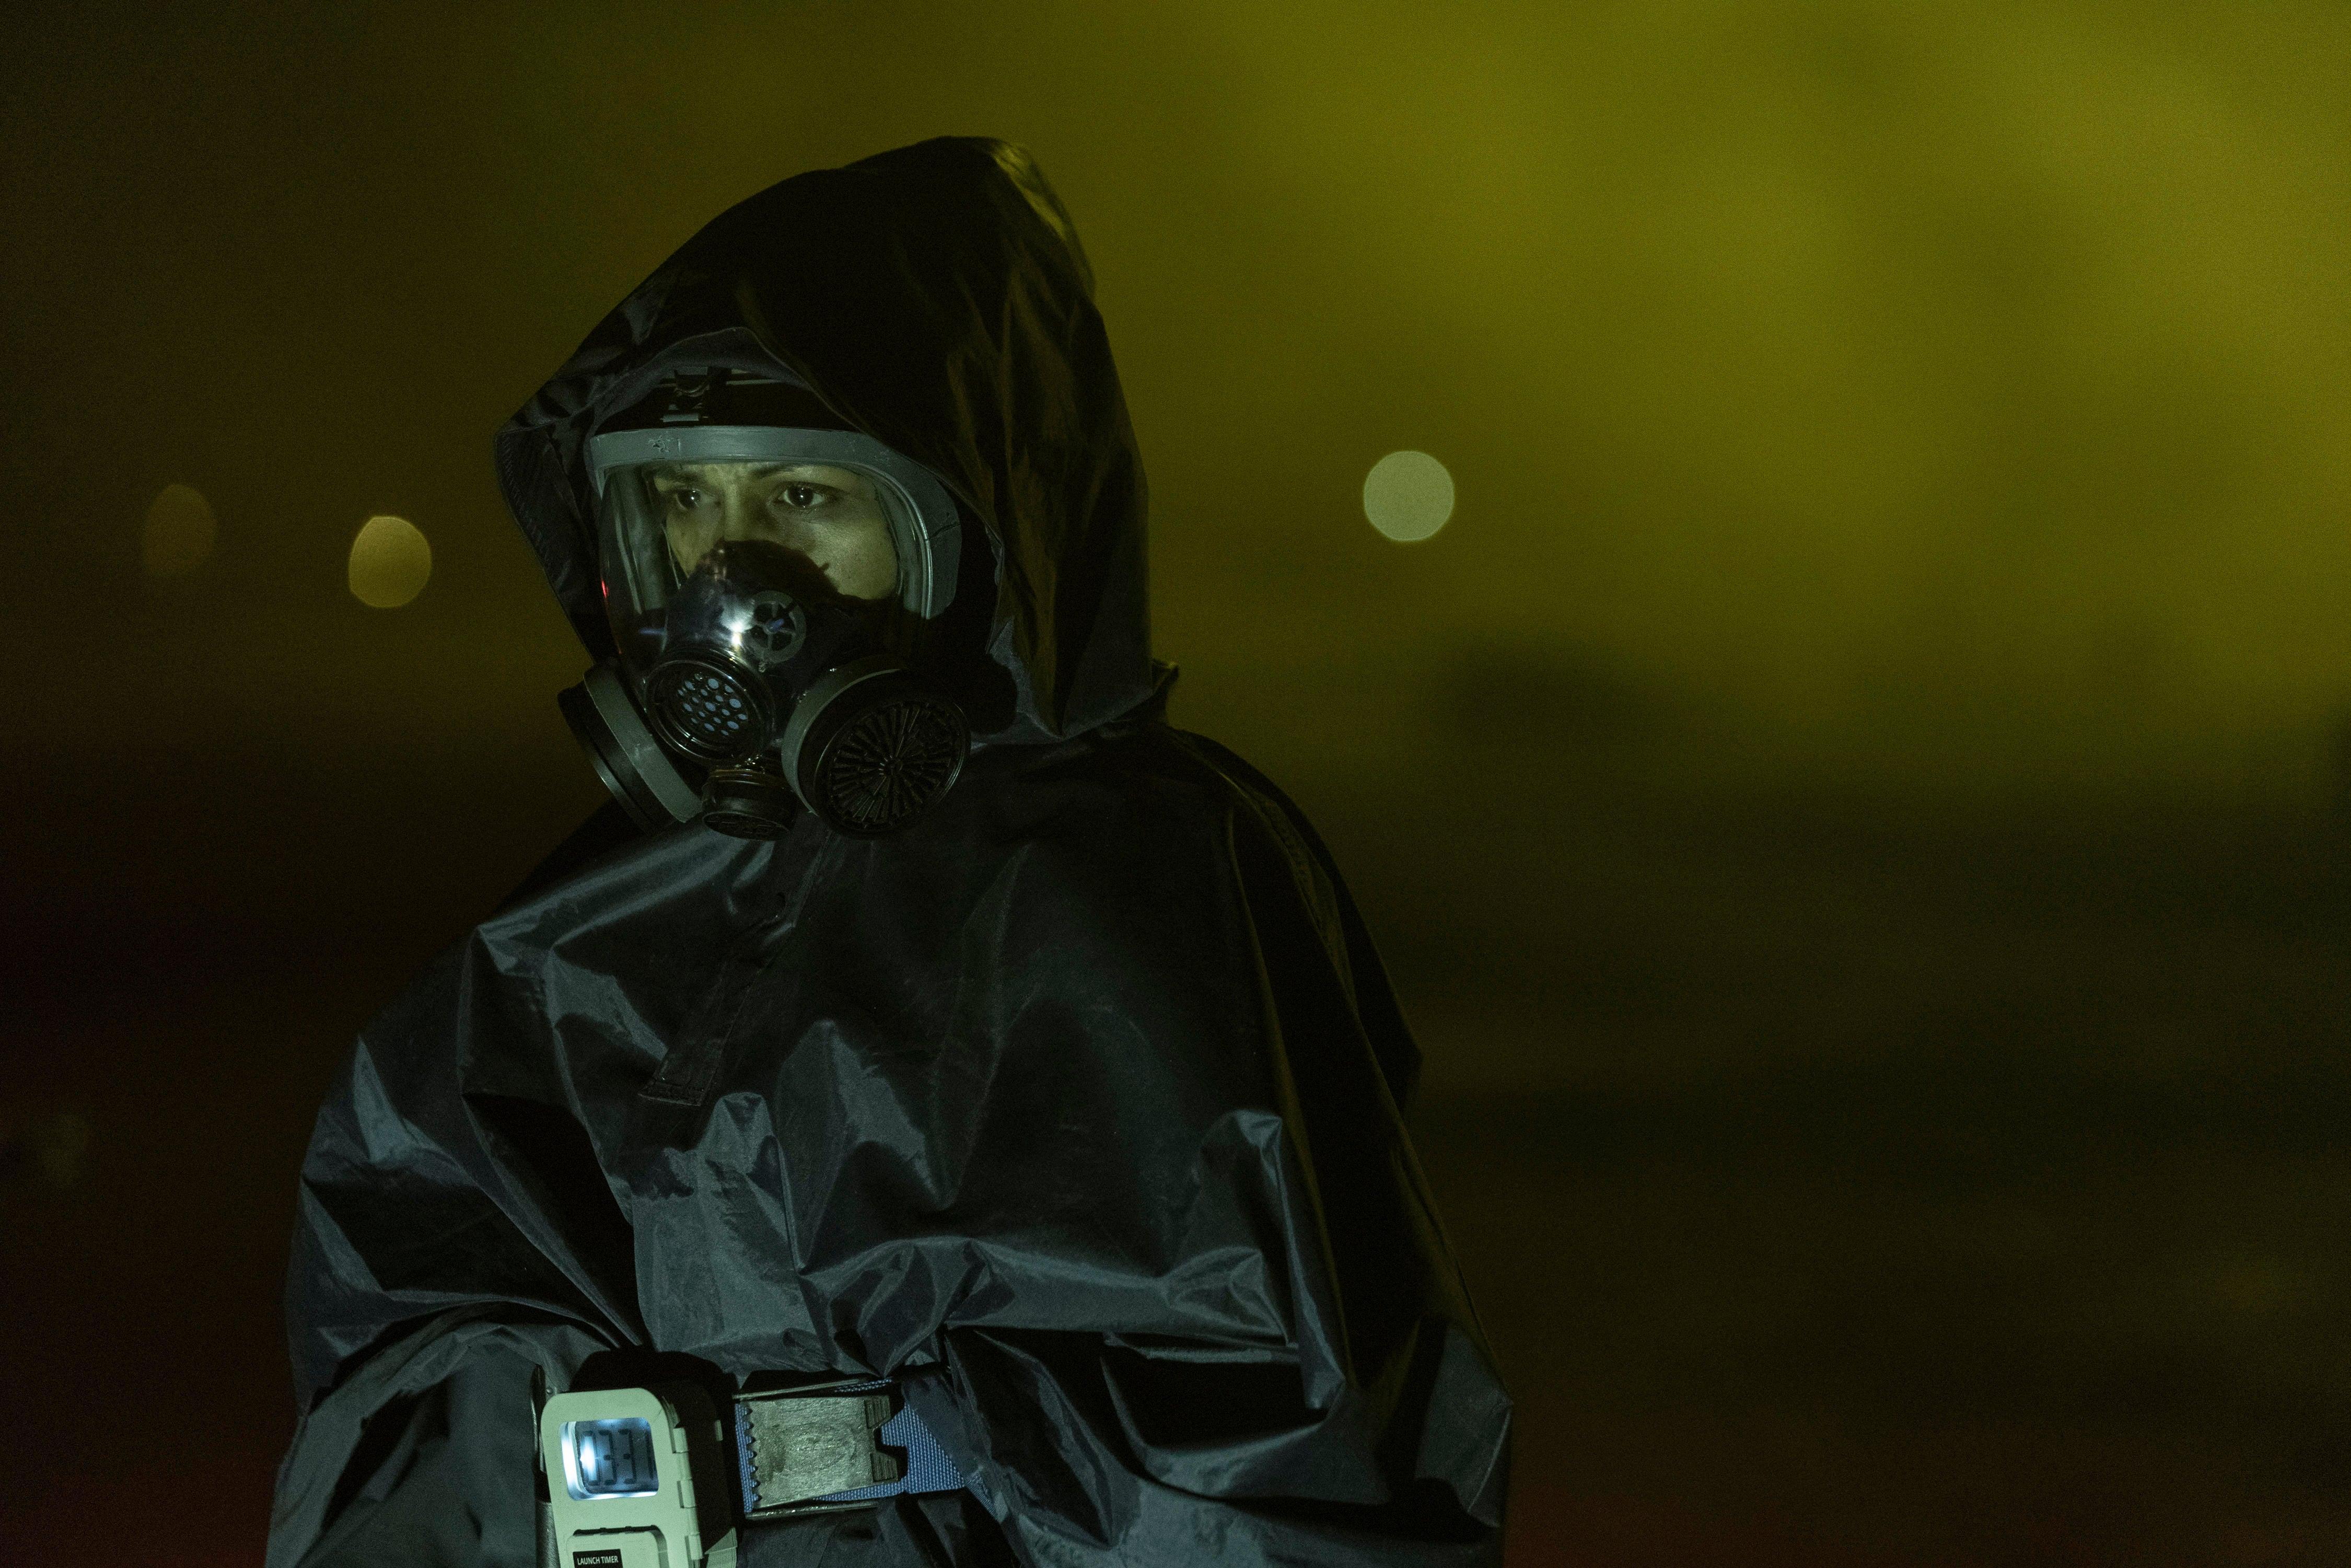 Fear the Walking Dead Season 7 Episode 2 Sneak Peek: Dangerous Stuff Out Here